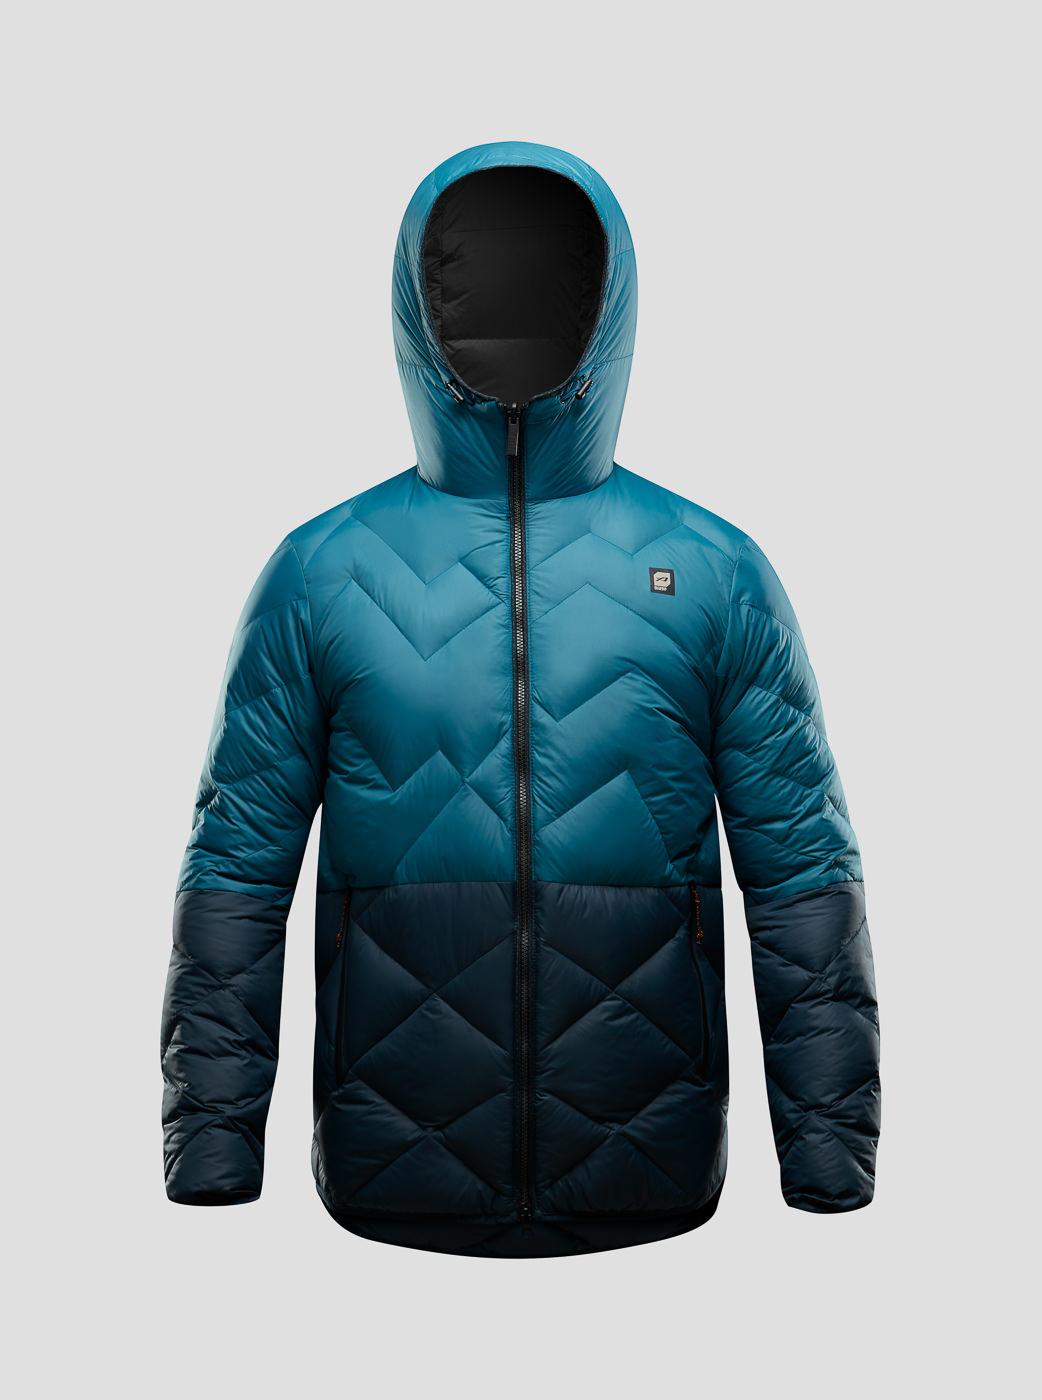 Manteau hiver bleu deux couleurs Orage FW17